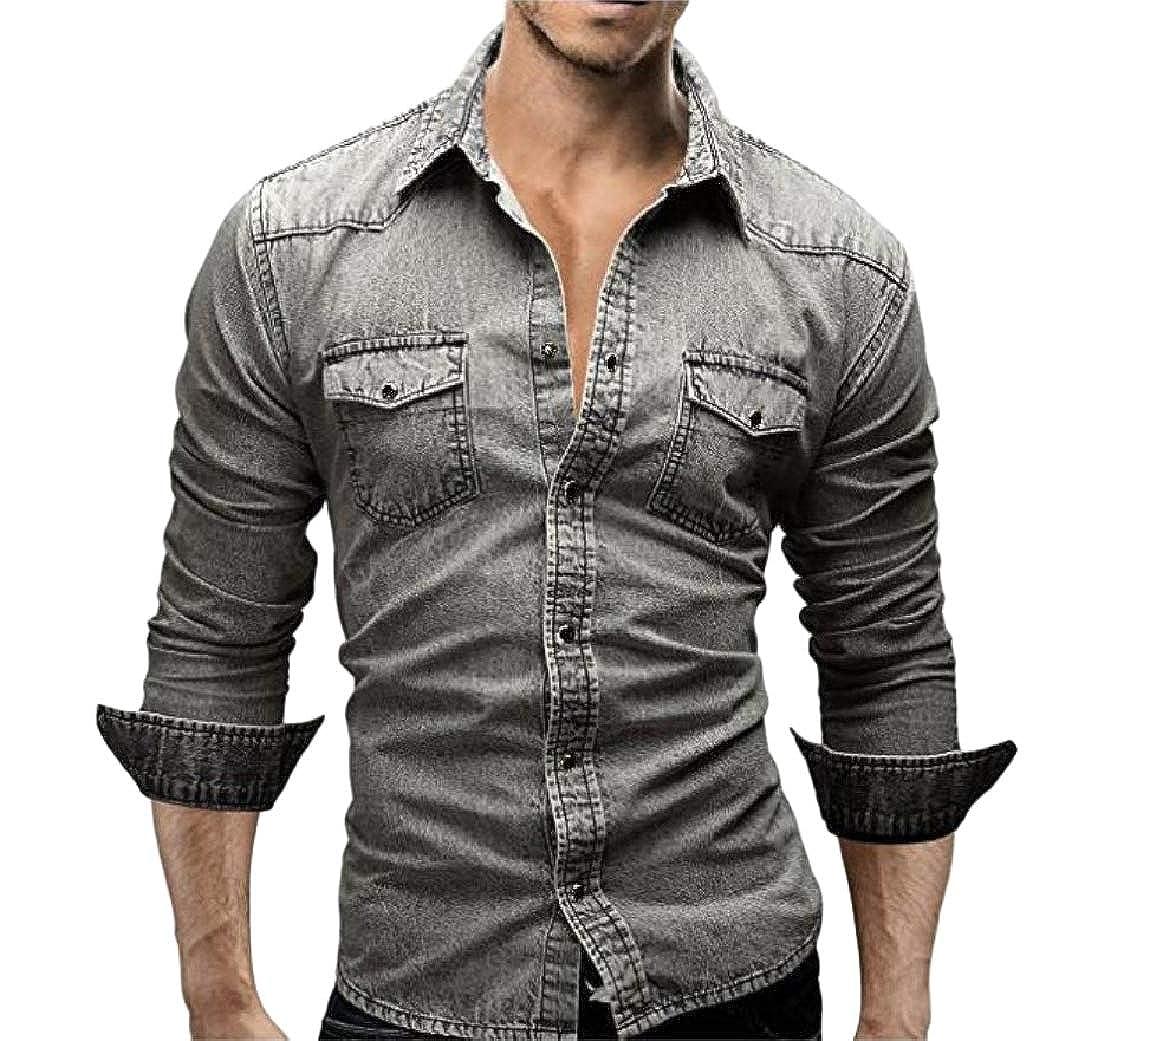 YUNY Men Rugged Wear Cowboy Spread Collar Long-Sleeve Western Shirt Light Grey S